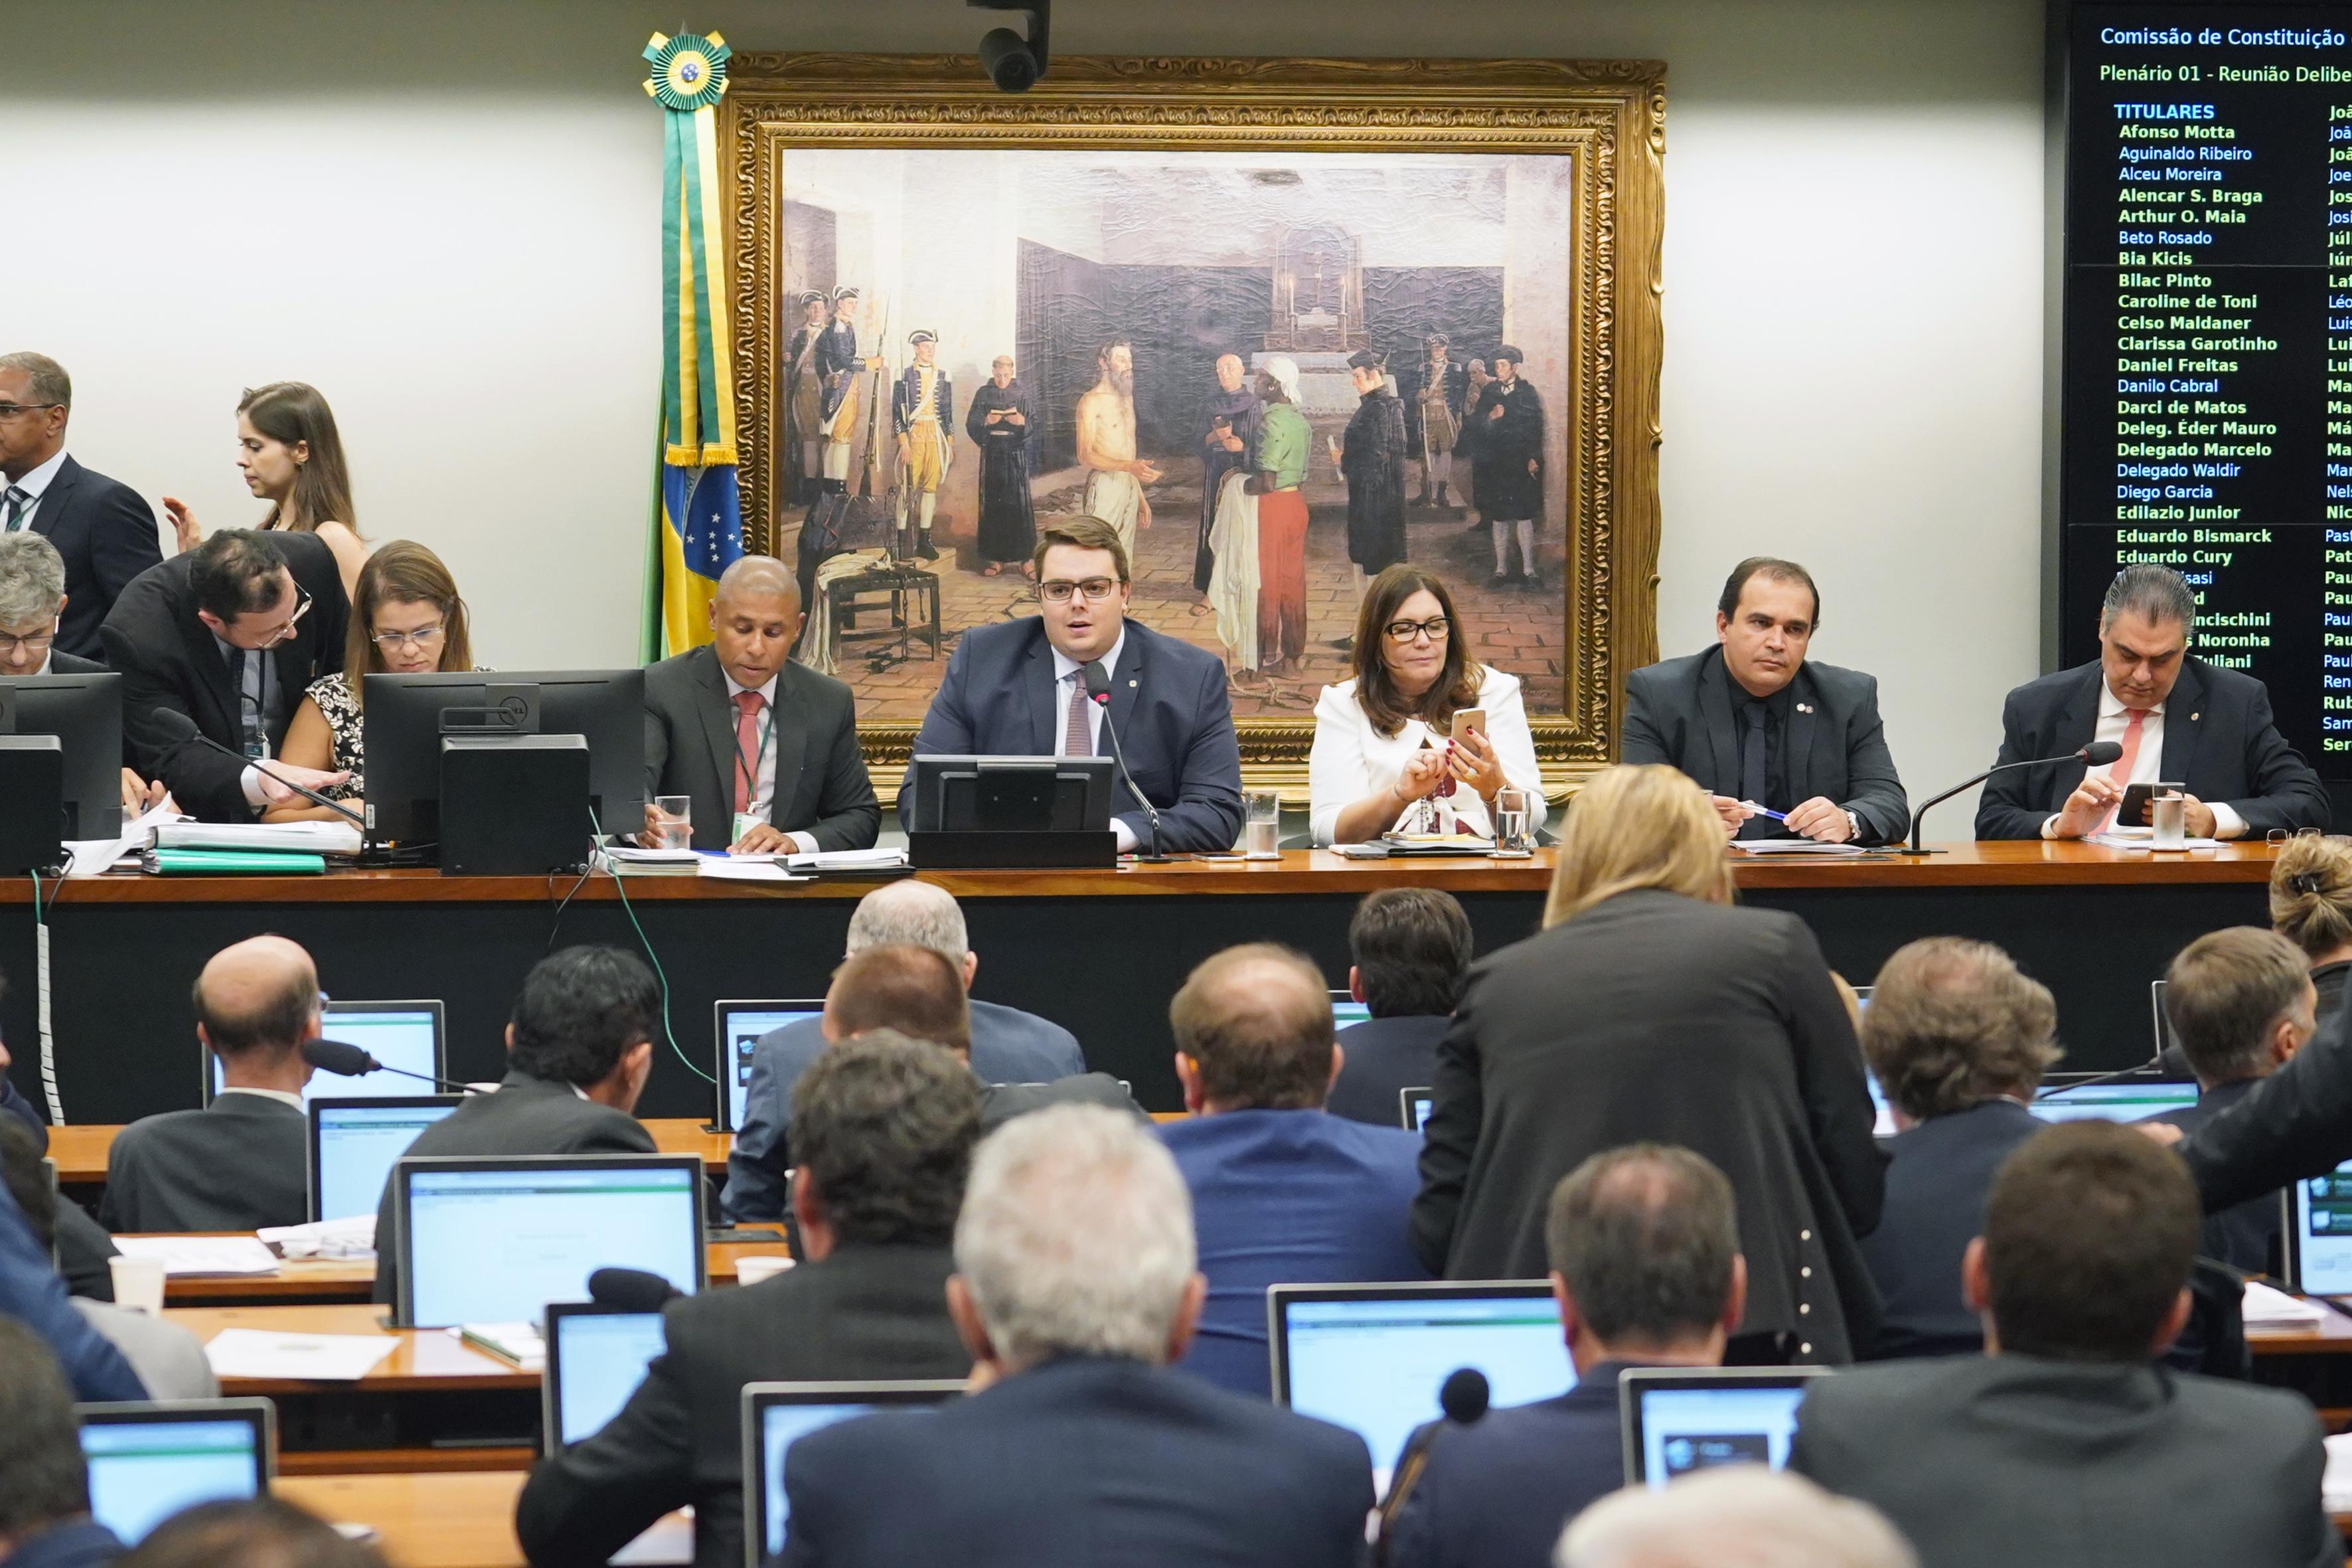 CCJ considera constitucional a reforma da Previdência e aprova parecer